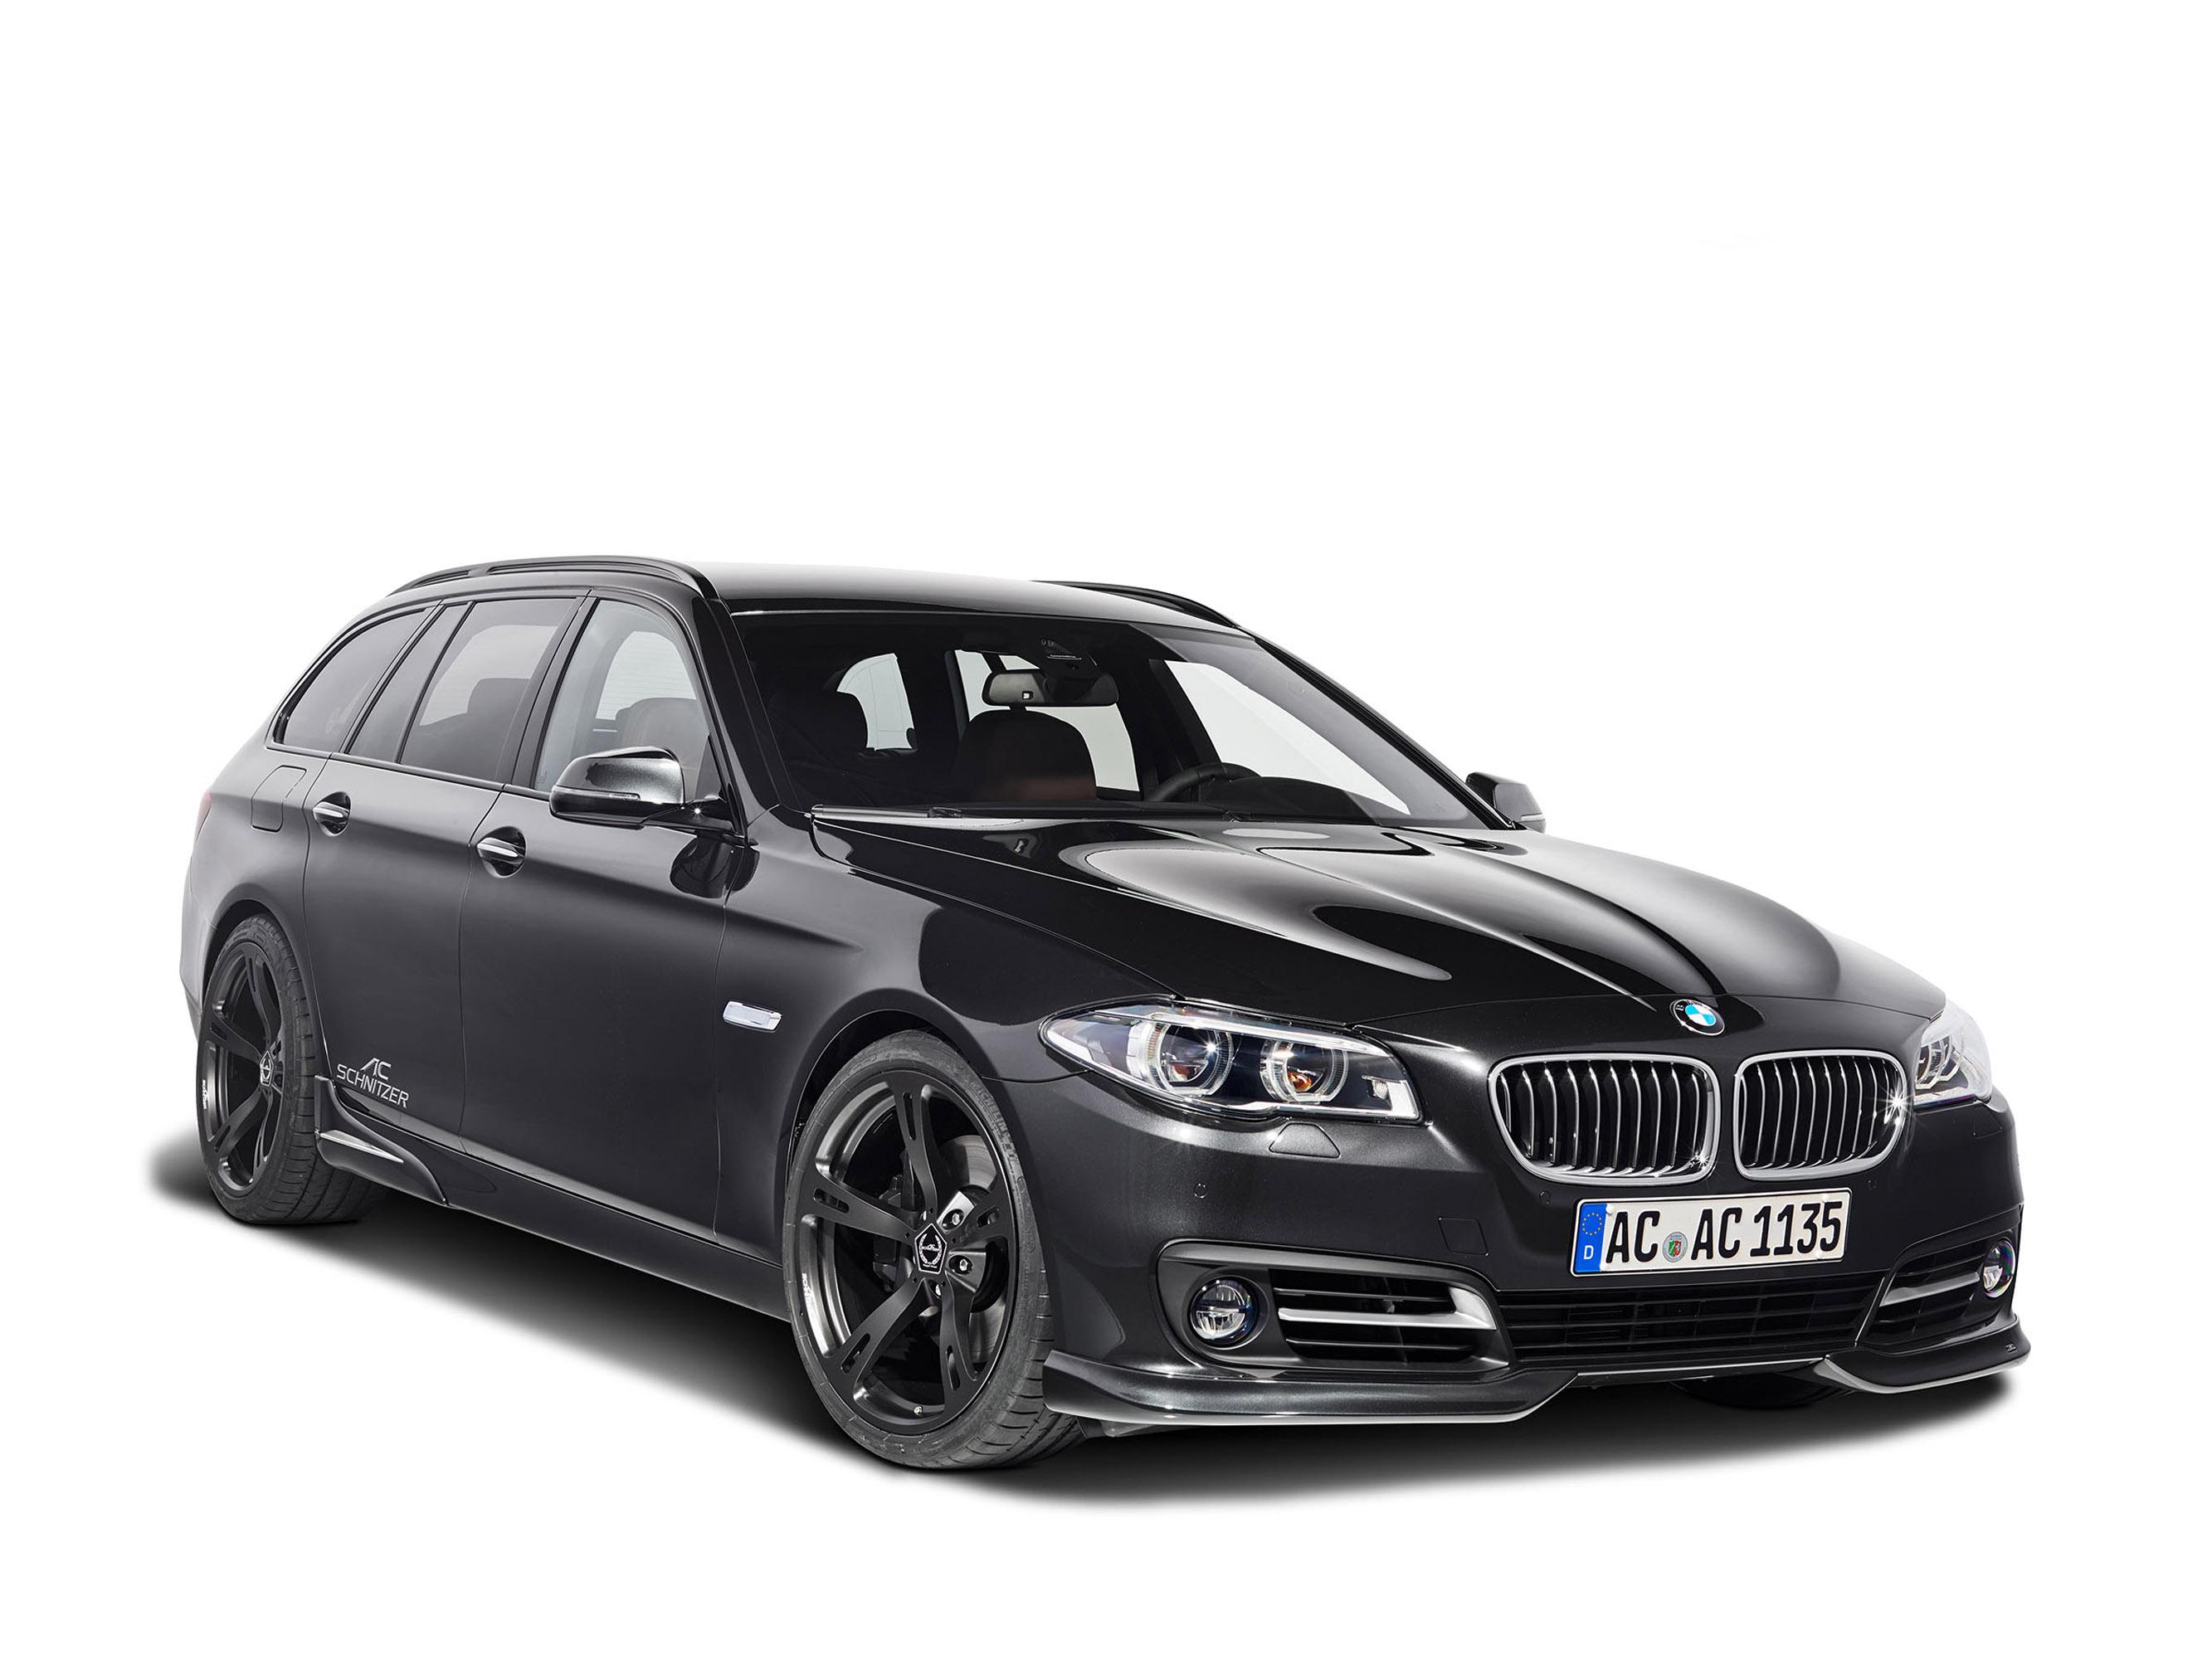 АС Шнитцер BMW 5 серии туринг ЛКИ Эссене дебютирует на мотор-шоу  - фотография №3